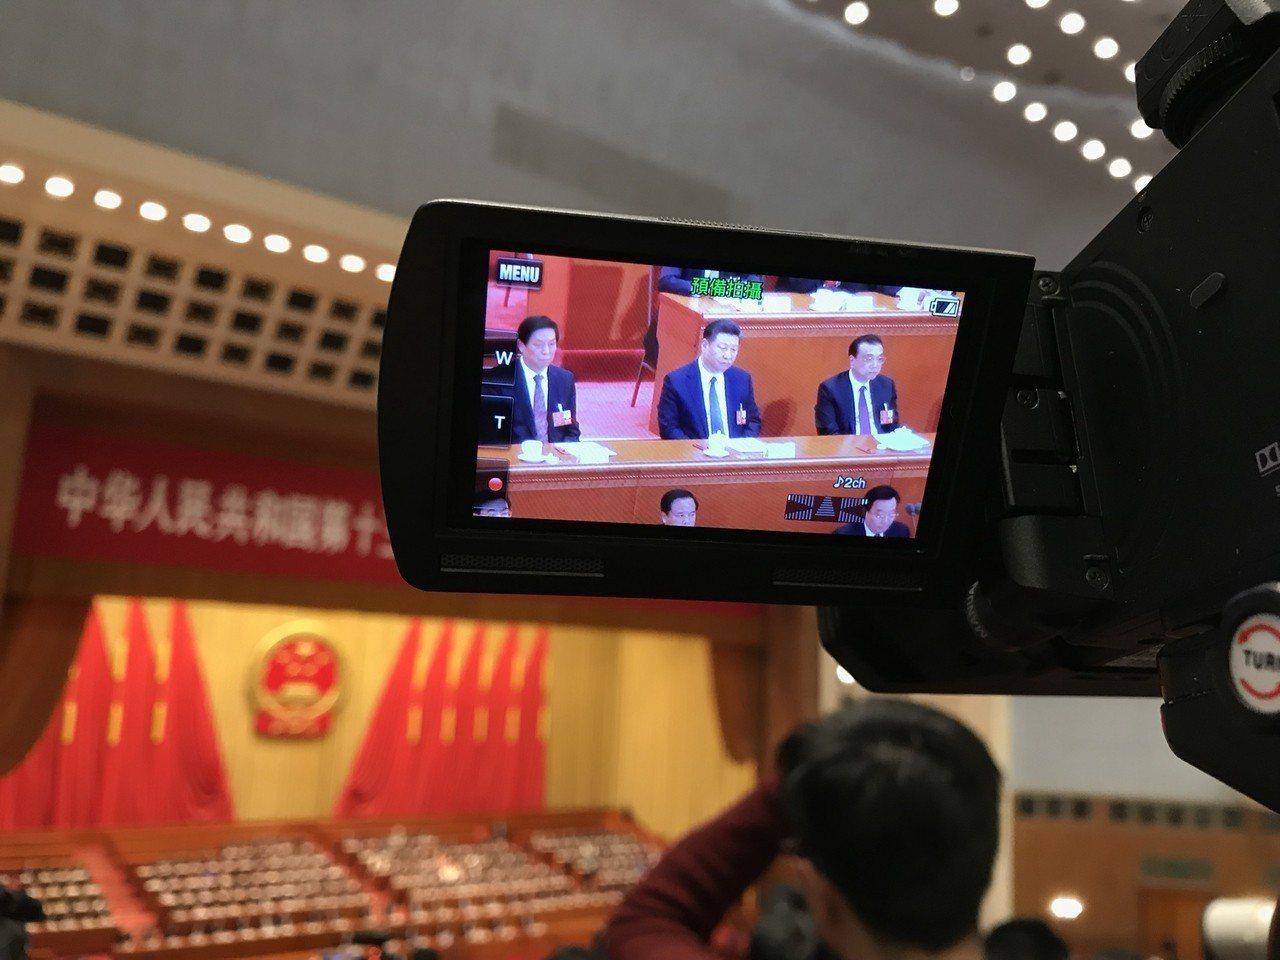 習近平修憲延任,成國內外焦點,但這次修憲把「中國共產黨領導」加到憲法第一條中,更...